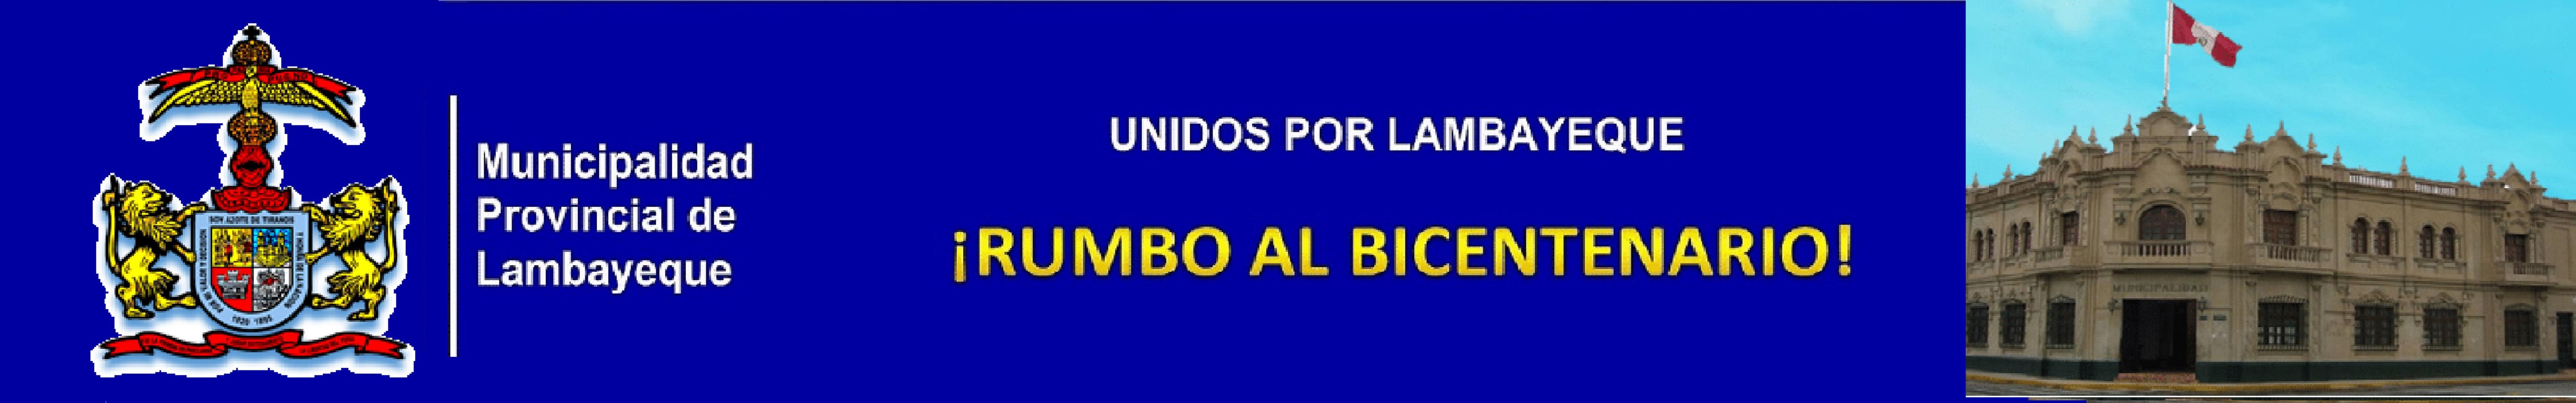 Banner2015 Jpg # Muebles Leyva Cunas Luana